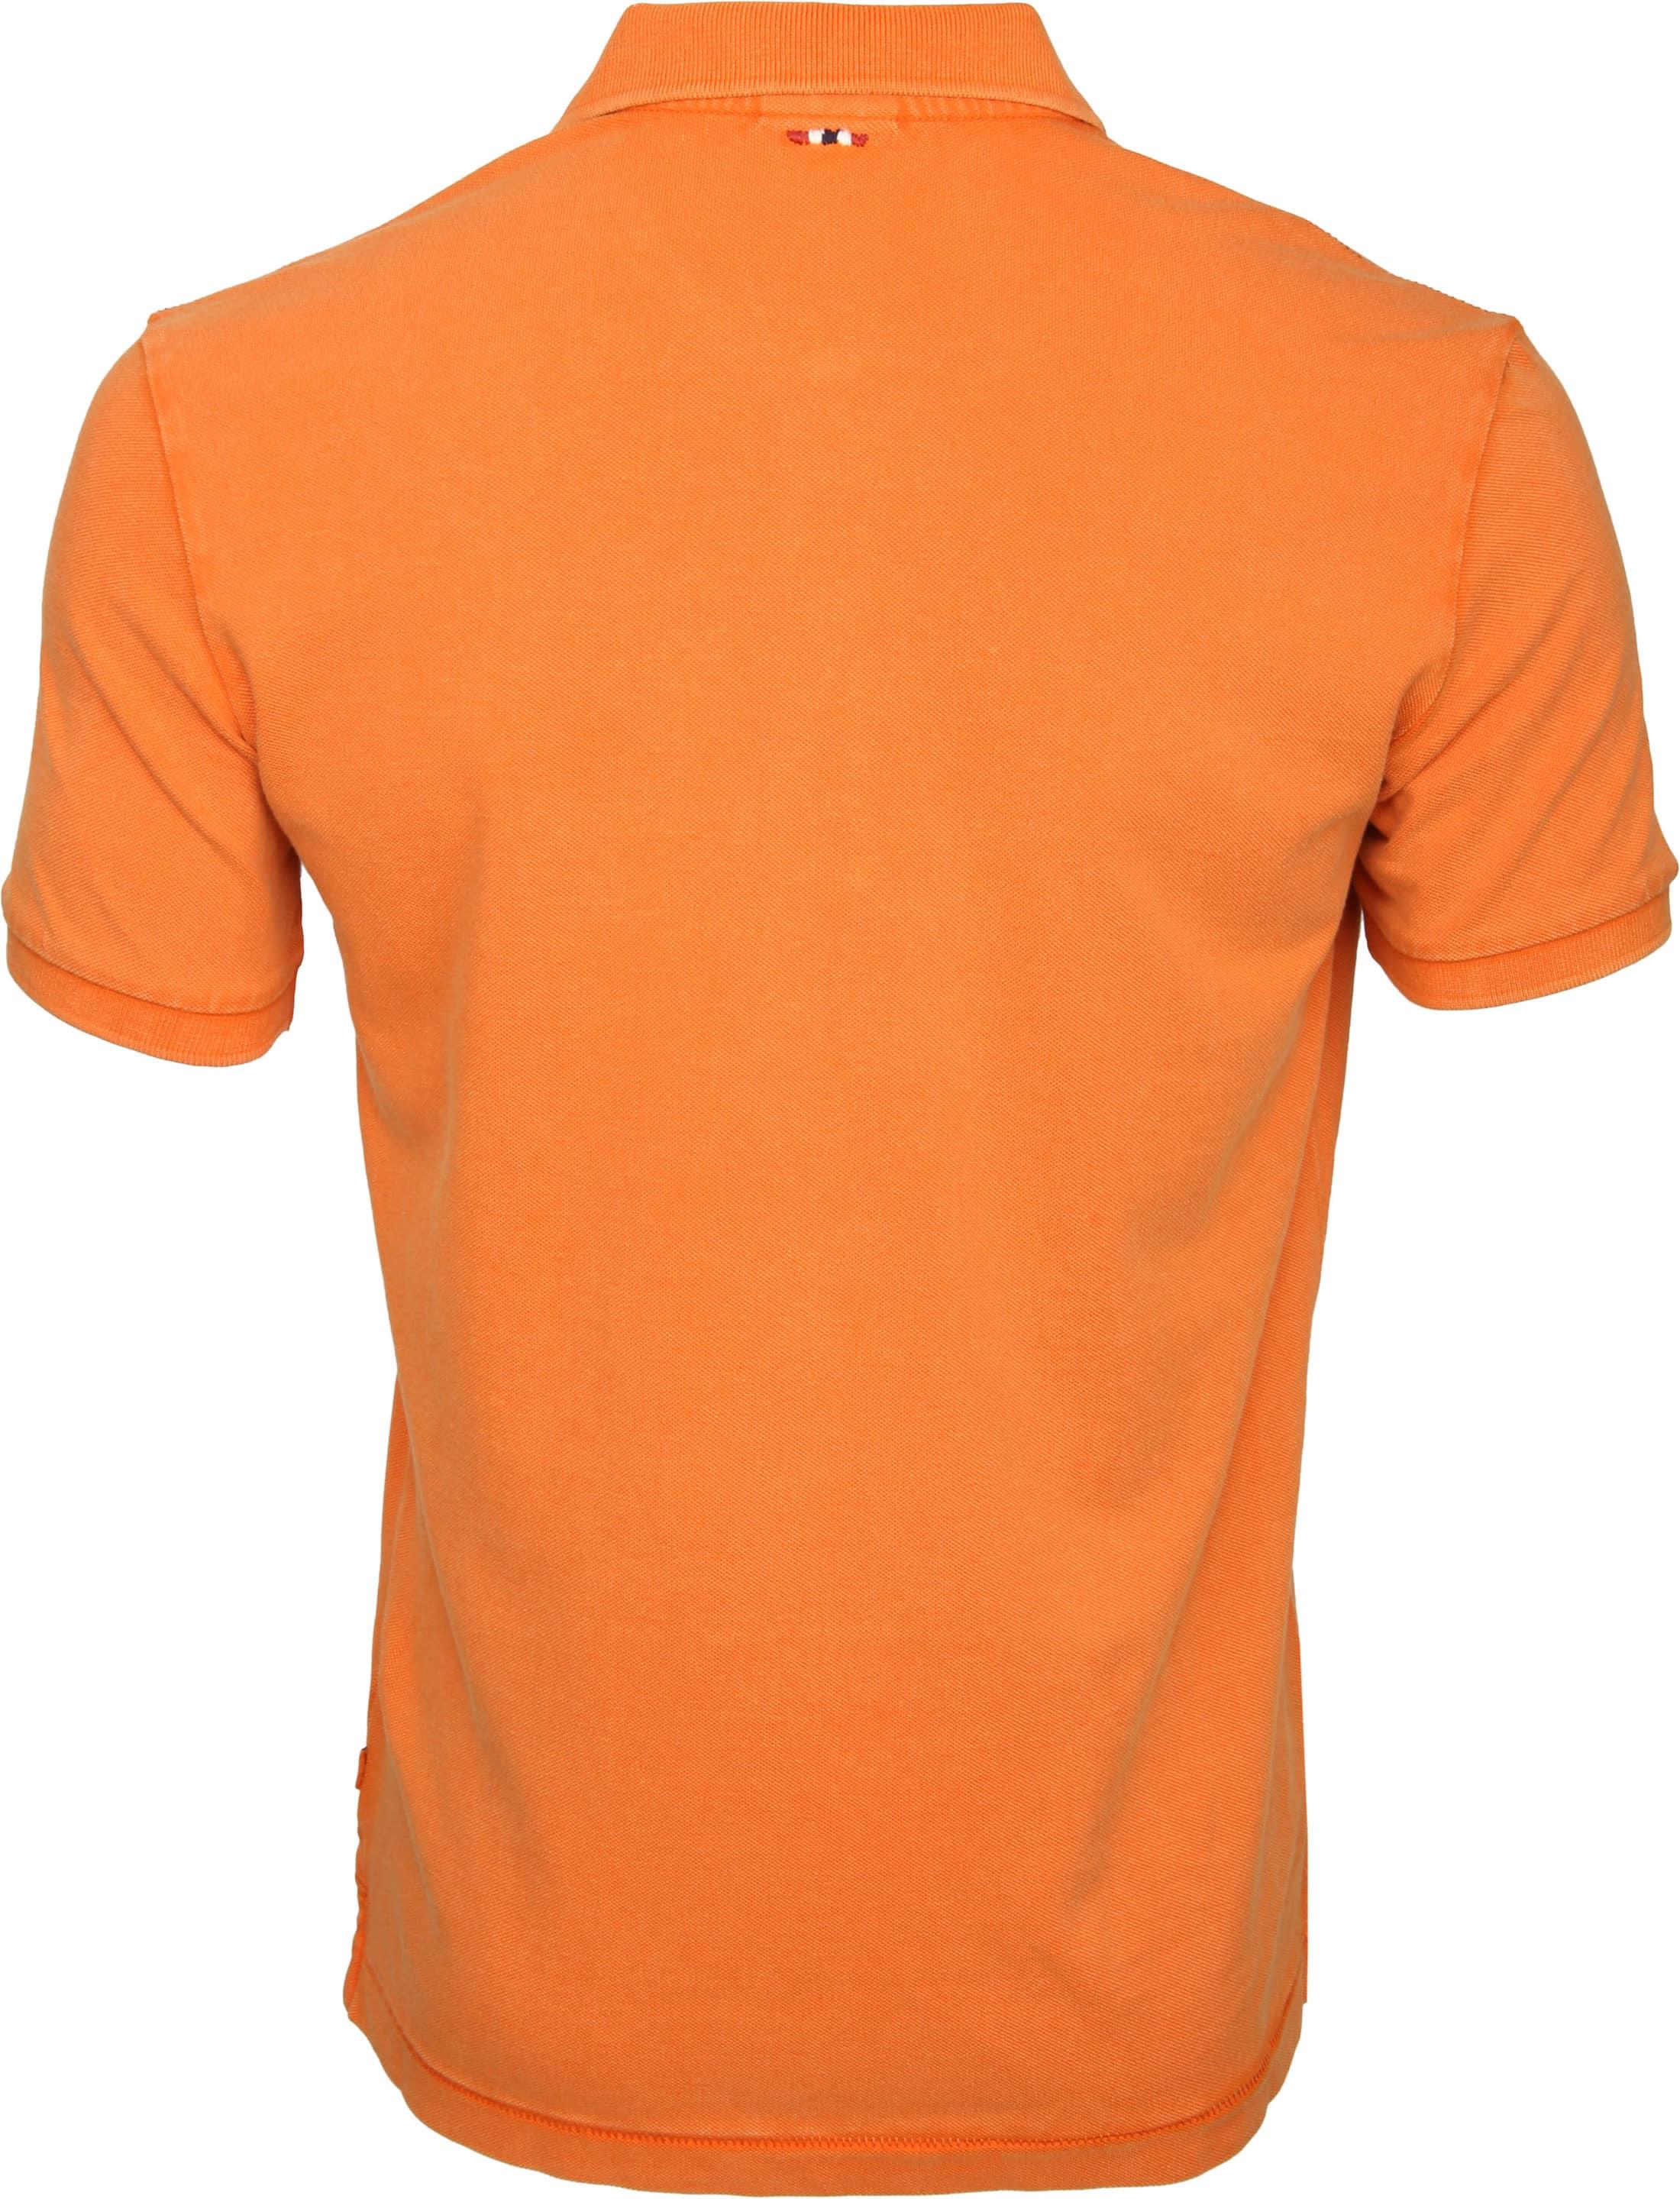 Napapijri Poloshirt Elbas 2 Orange foto 2